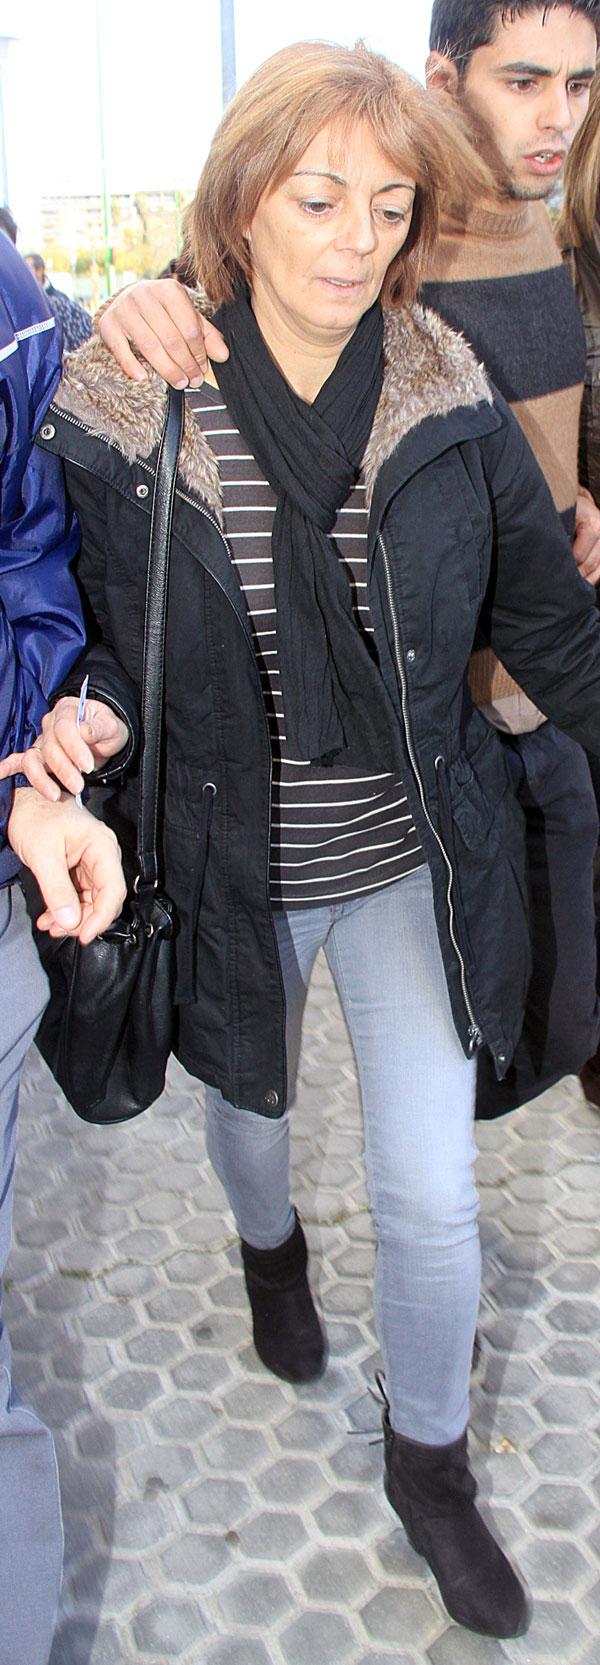 """MANUELA GURRUCHAGA A SU LLEGADA AL JUICIO POR """"HOMICIDIOIMPRUDENTE A CARLOSPARRA"""" 14/03/2013 SEVILLA"""